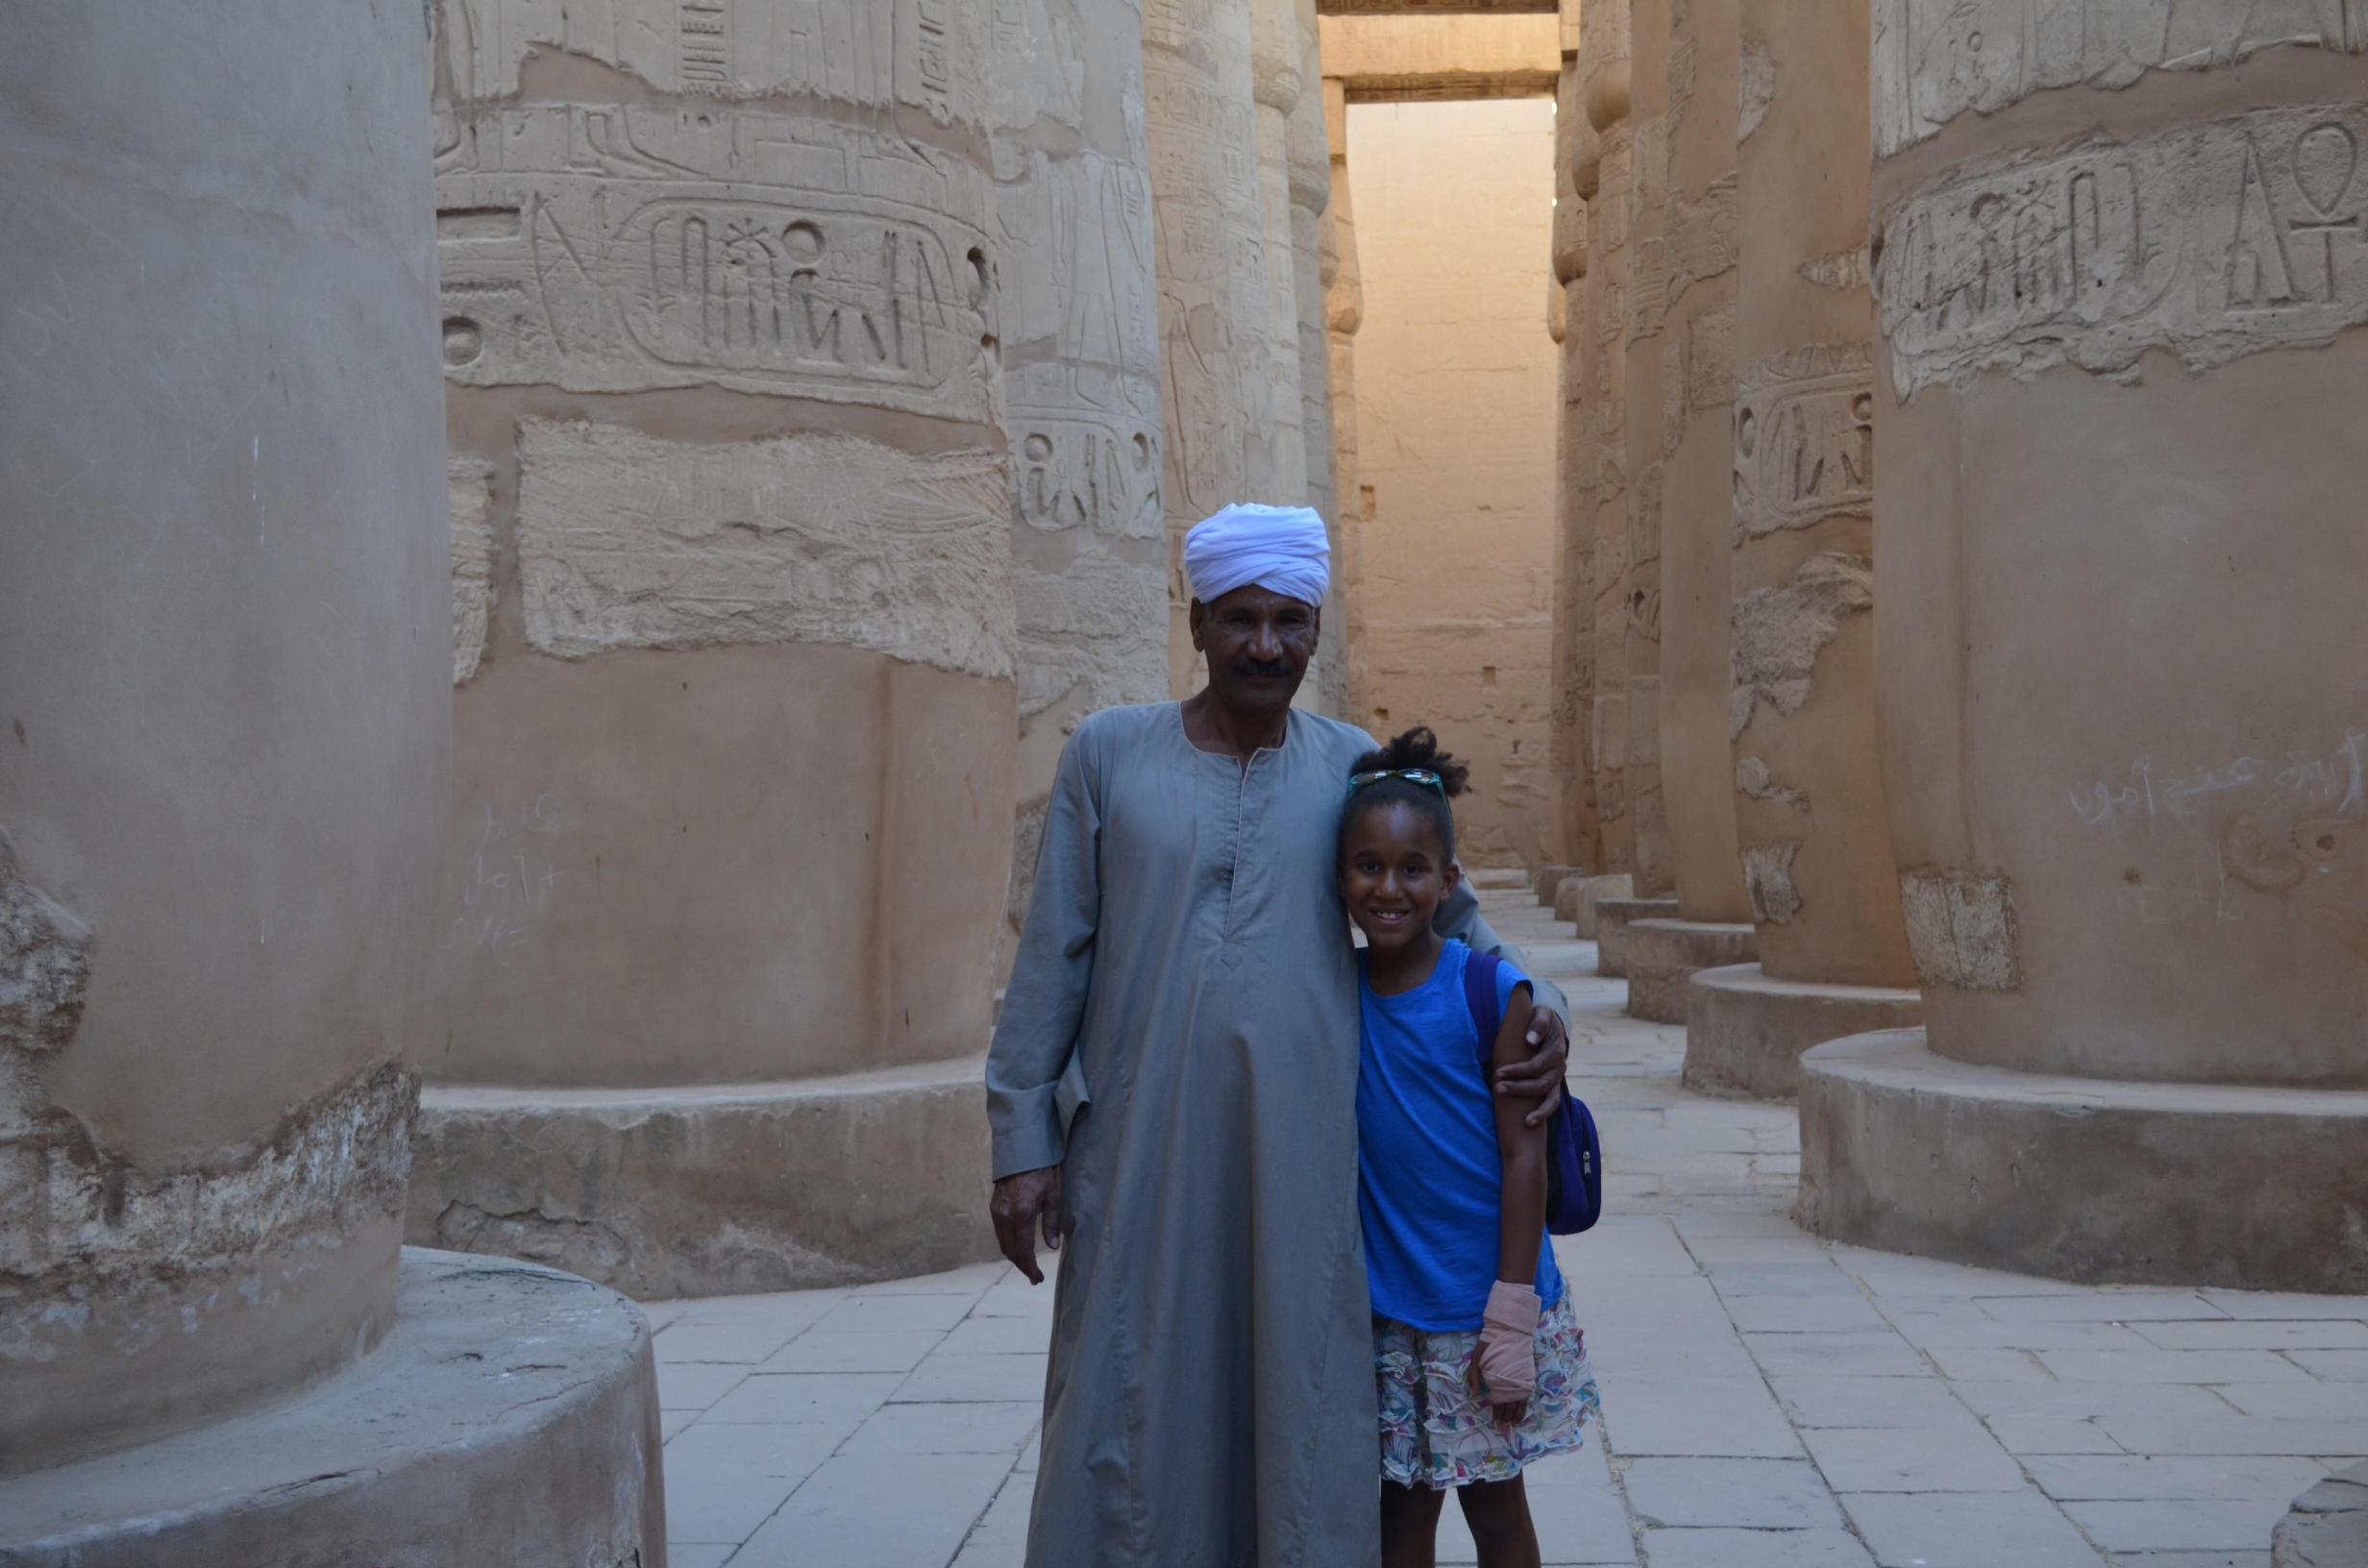 egyptman